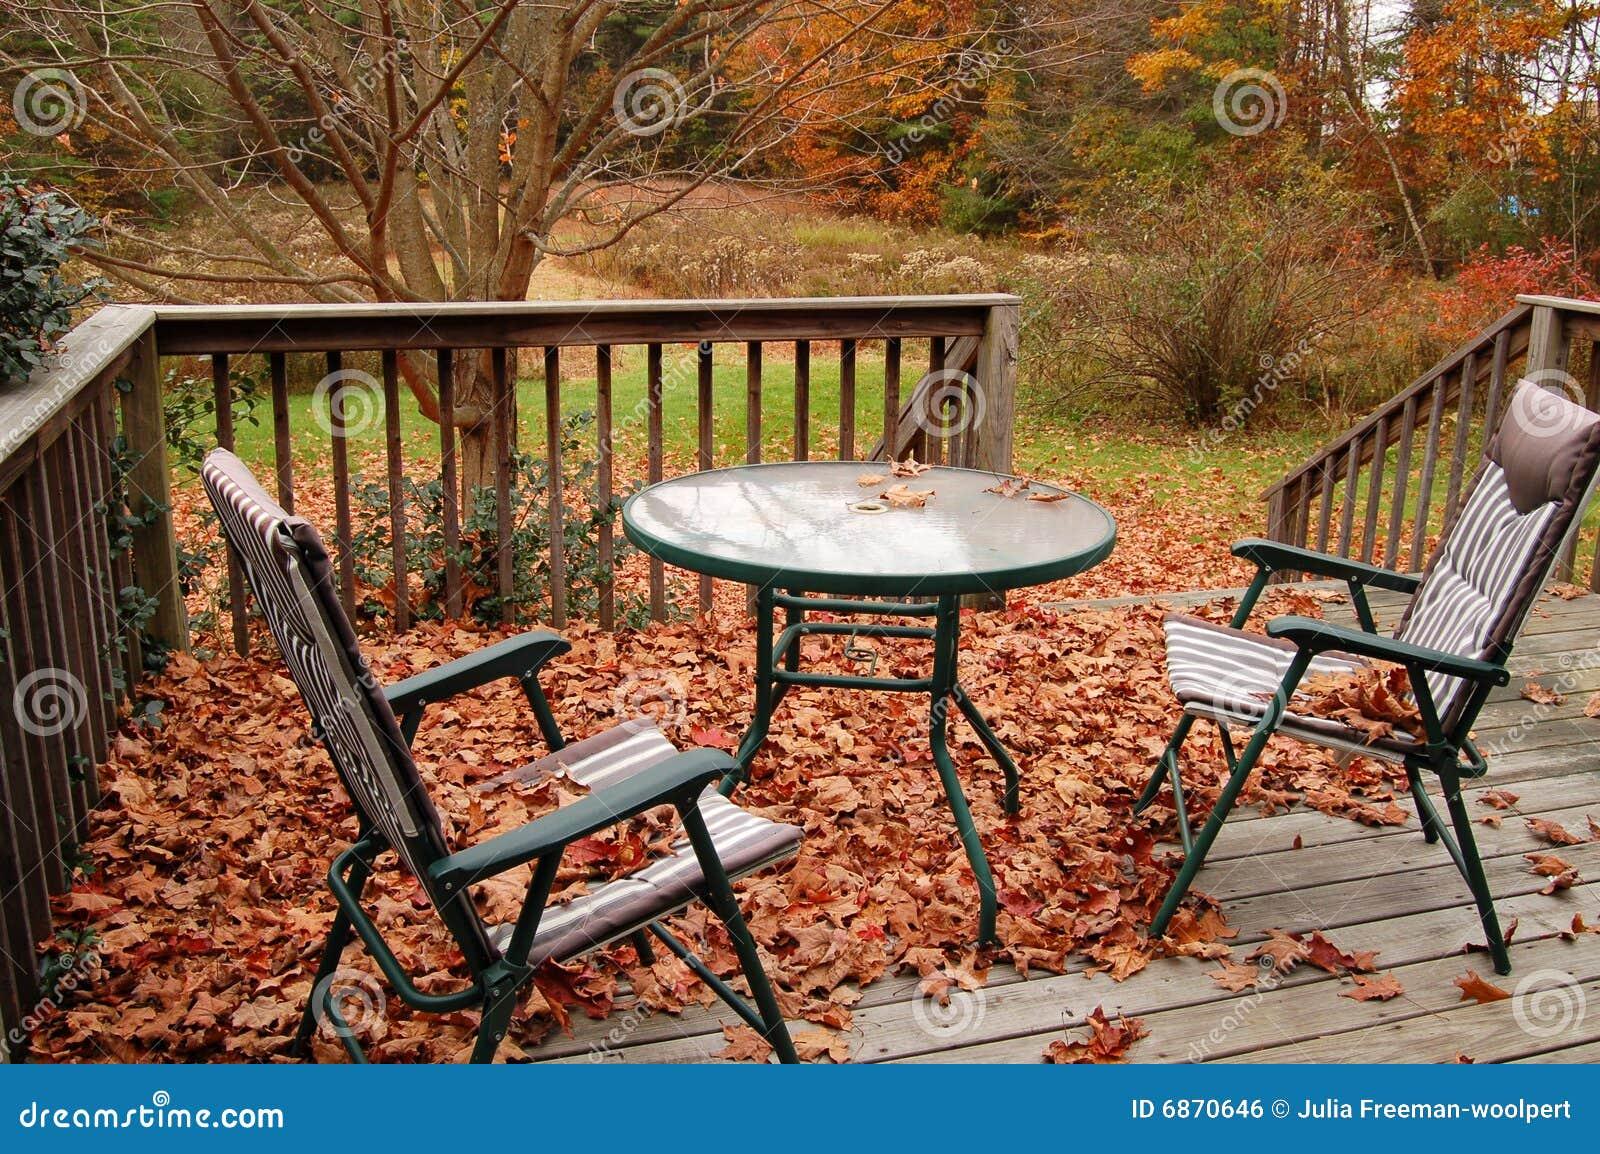 Yard Work Needed Stock Photo Image Of Foliage Autumn 6870646